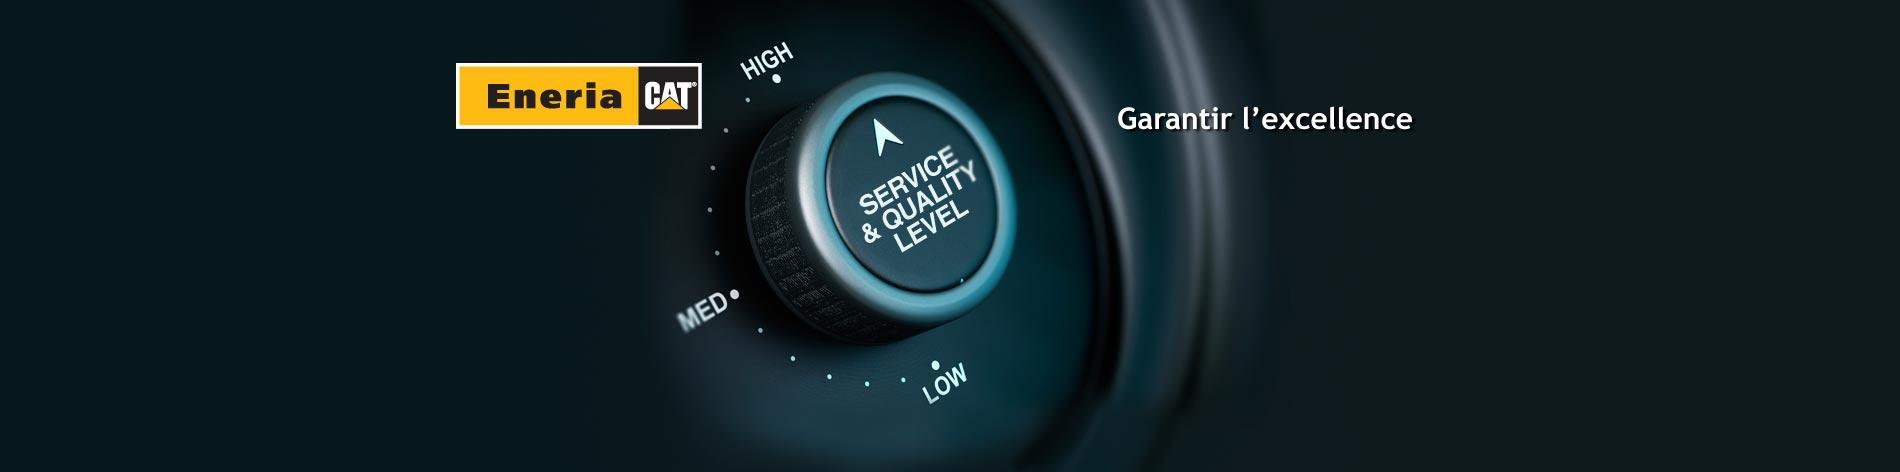 Nous vous proposons une offre complète de services et de prestations de maintenance pour vos installations de moteurs et de groupes électrogènes.